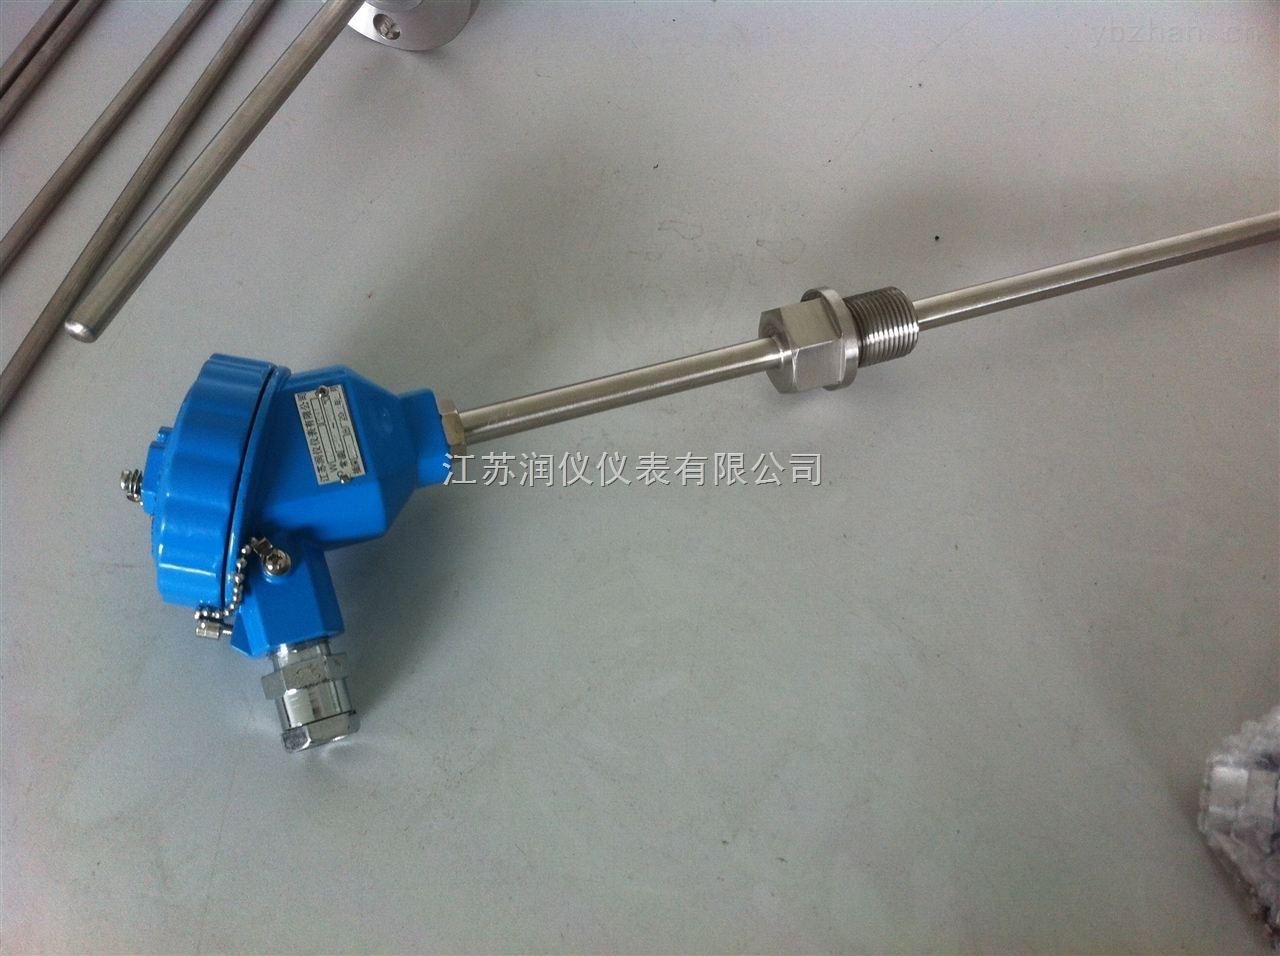 一體化彈簧壓緊式鎧裝熱電阻